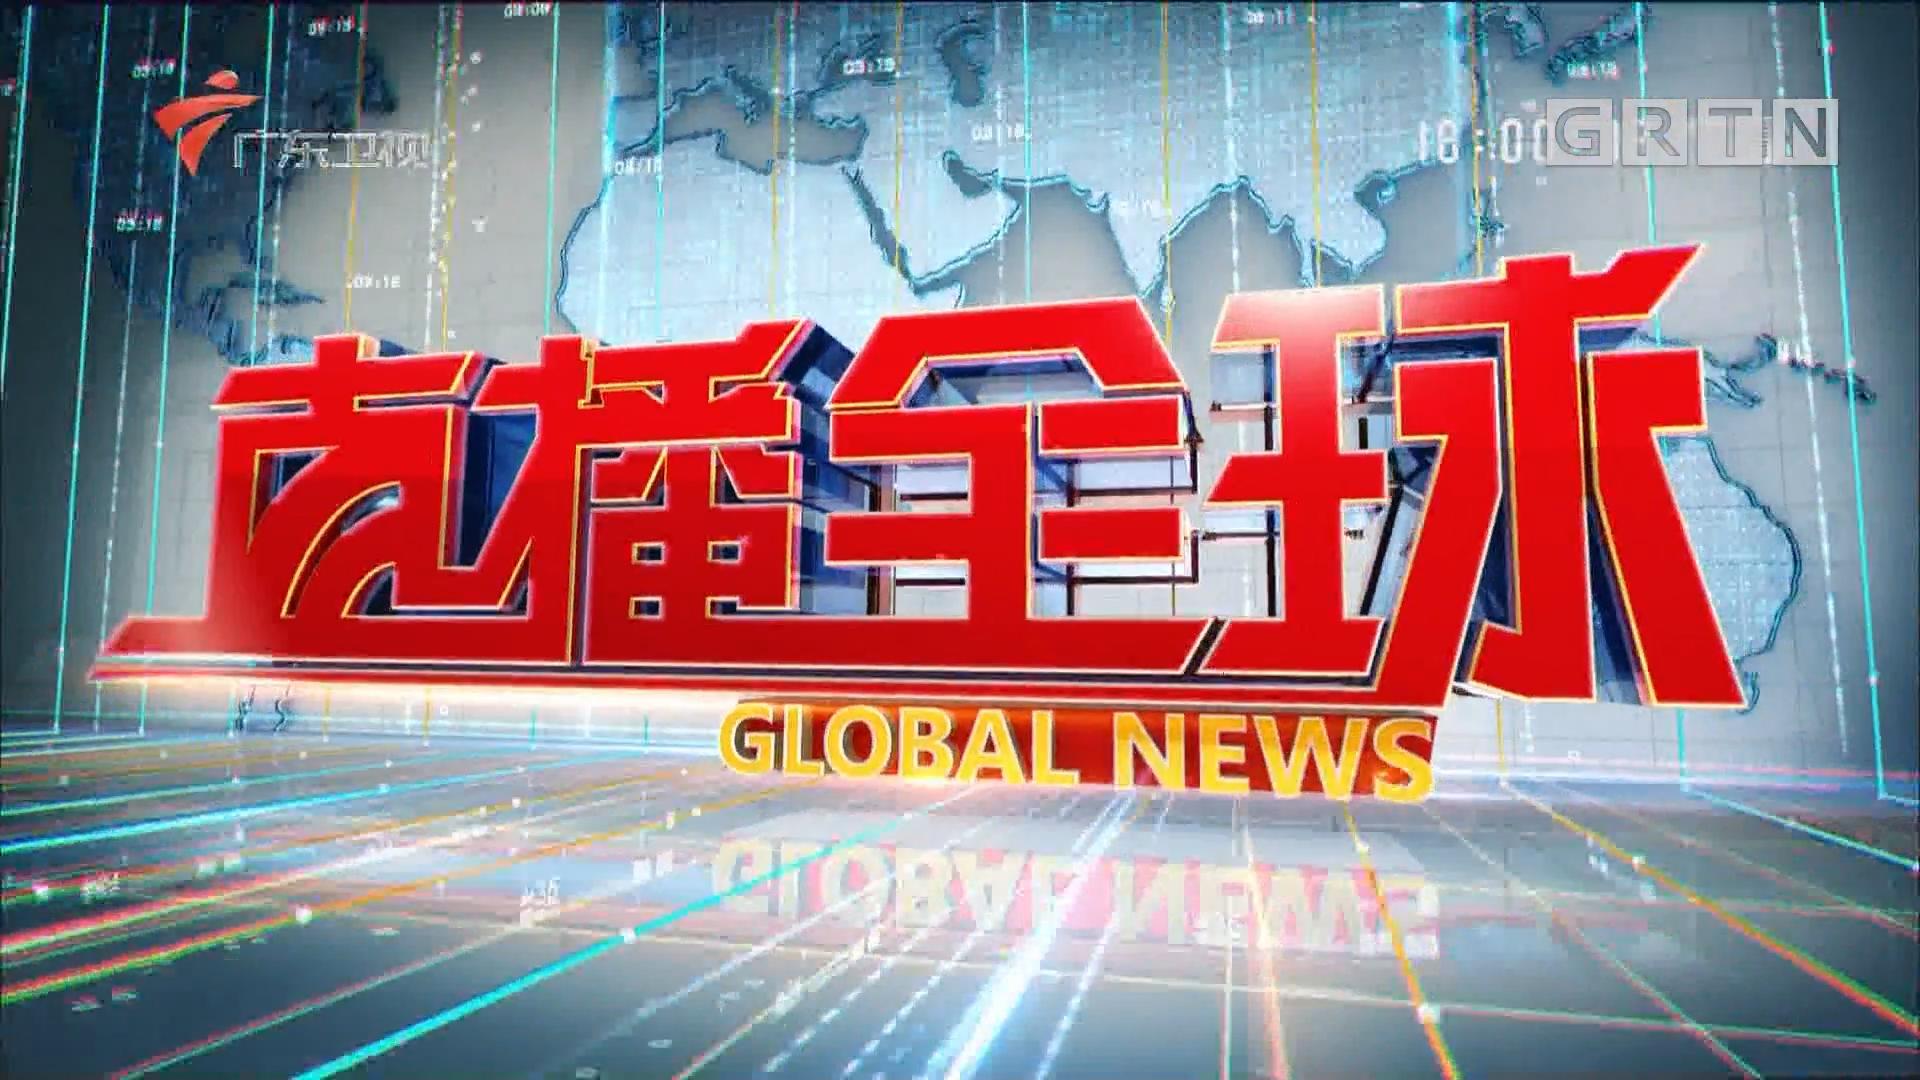 [HD][2019-01-02]直播全球:中国驻美大使在美撰文:合作是唯一正确选择 中美40年 互利双赢 世界共赢